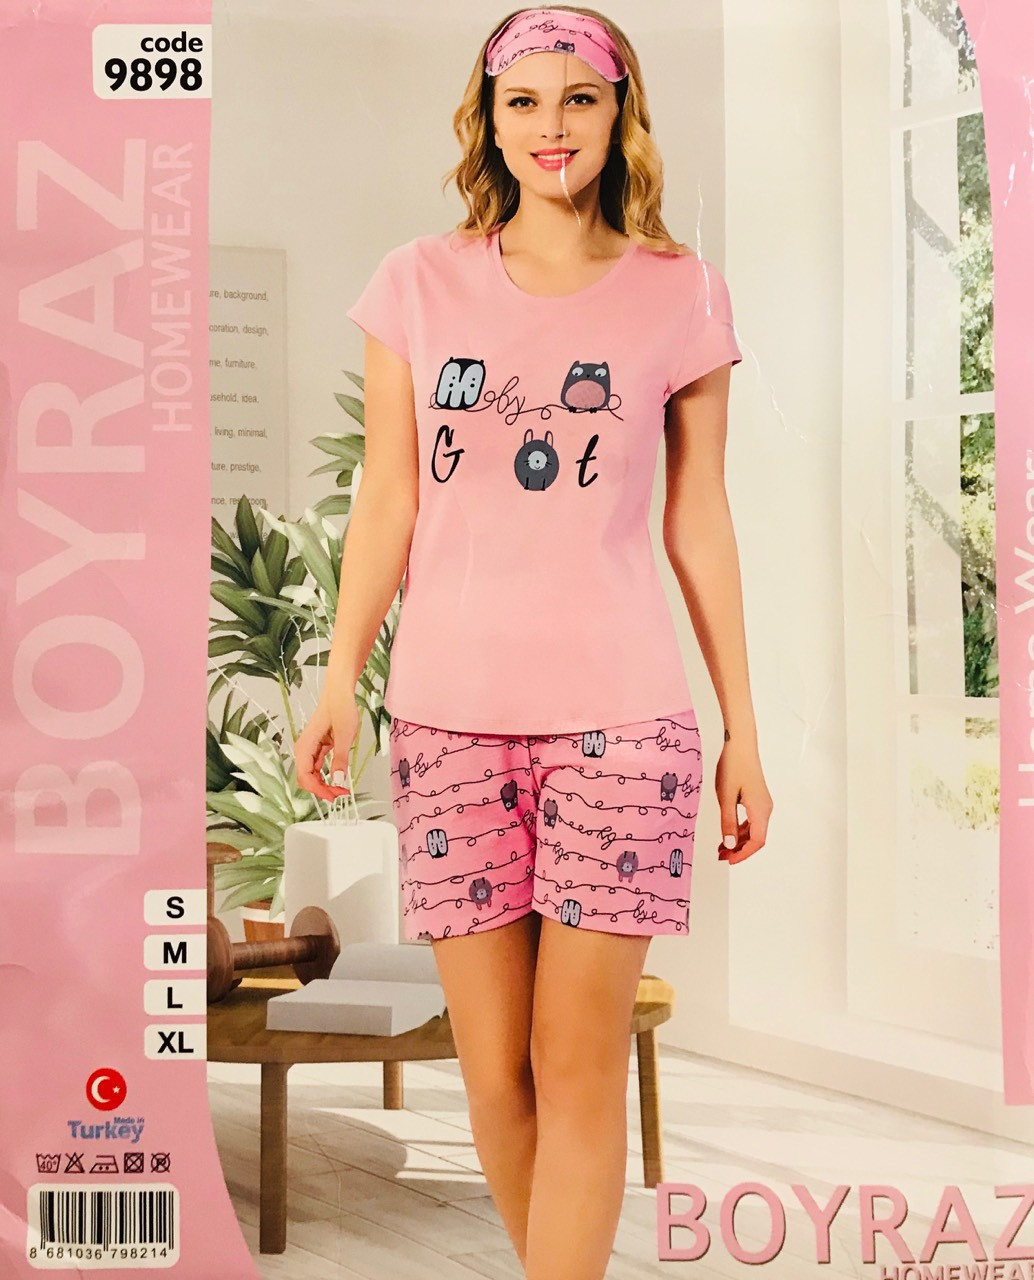 Женская пижама хлопок BOYRAZ Турция размер XL(50) 9898